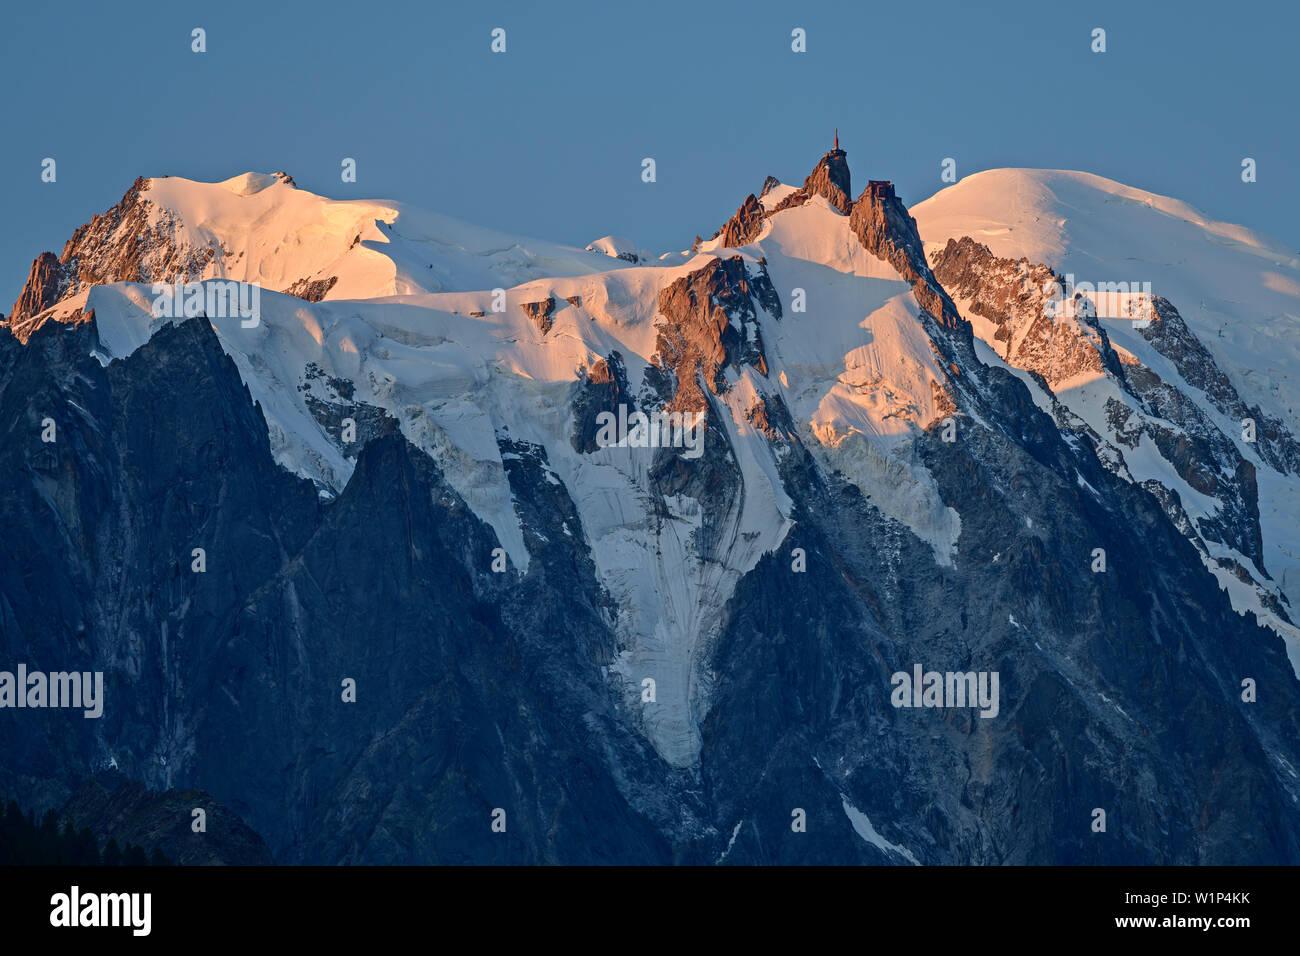 Mont maudit, Aiguille du Midi and Mont Blanc, Mont Blanc, Grajische Alps, the Savoy Alps, Savoie, France - Stock Image